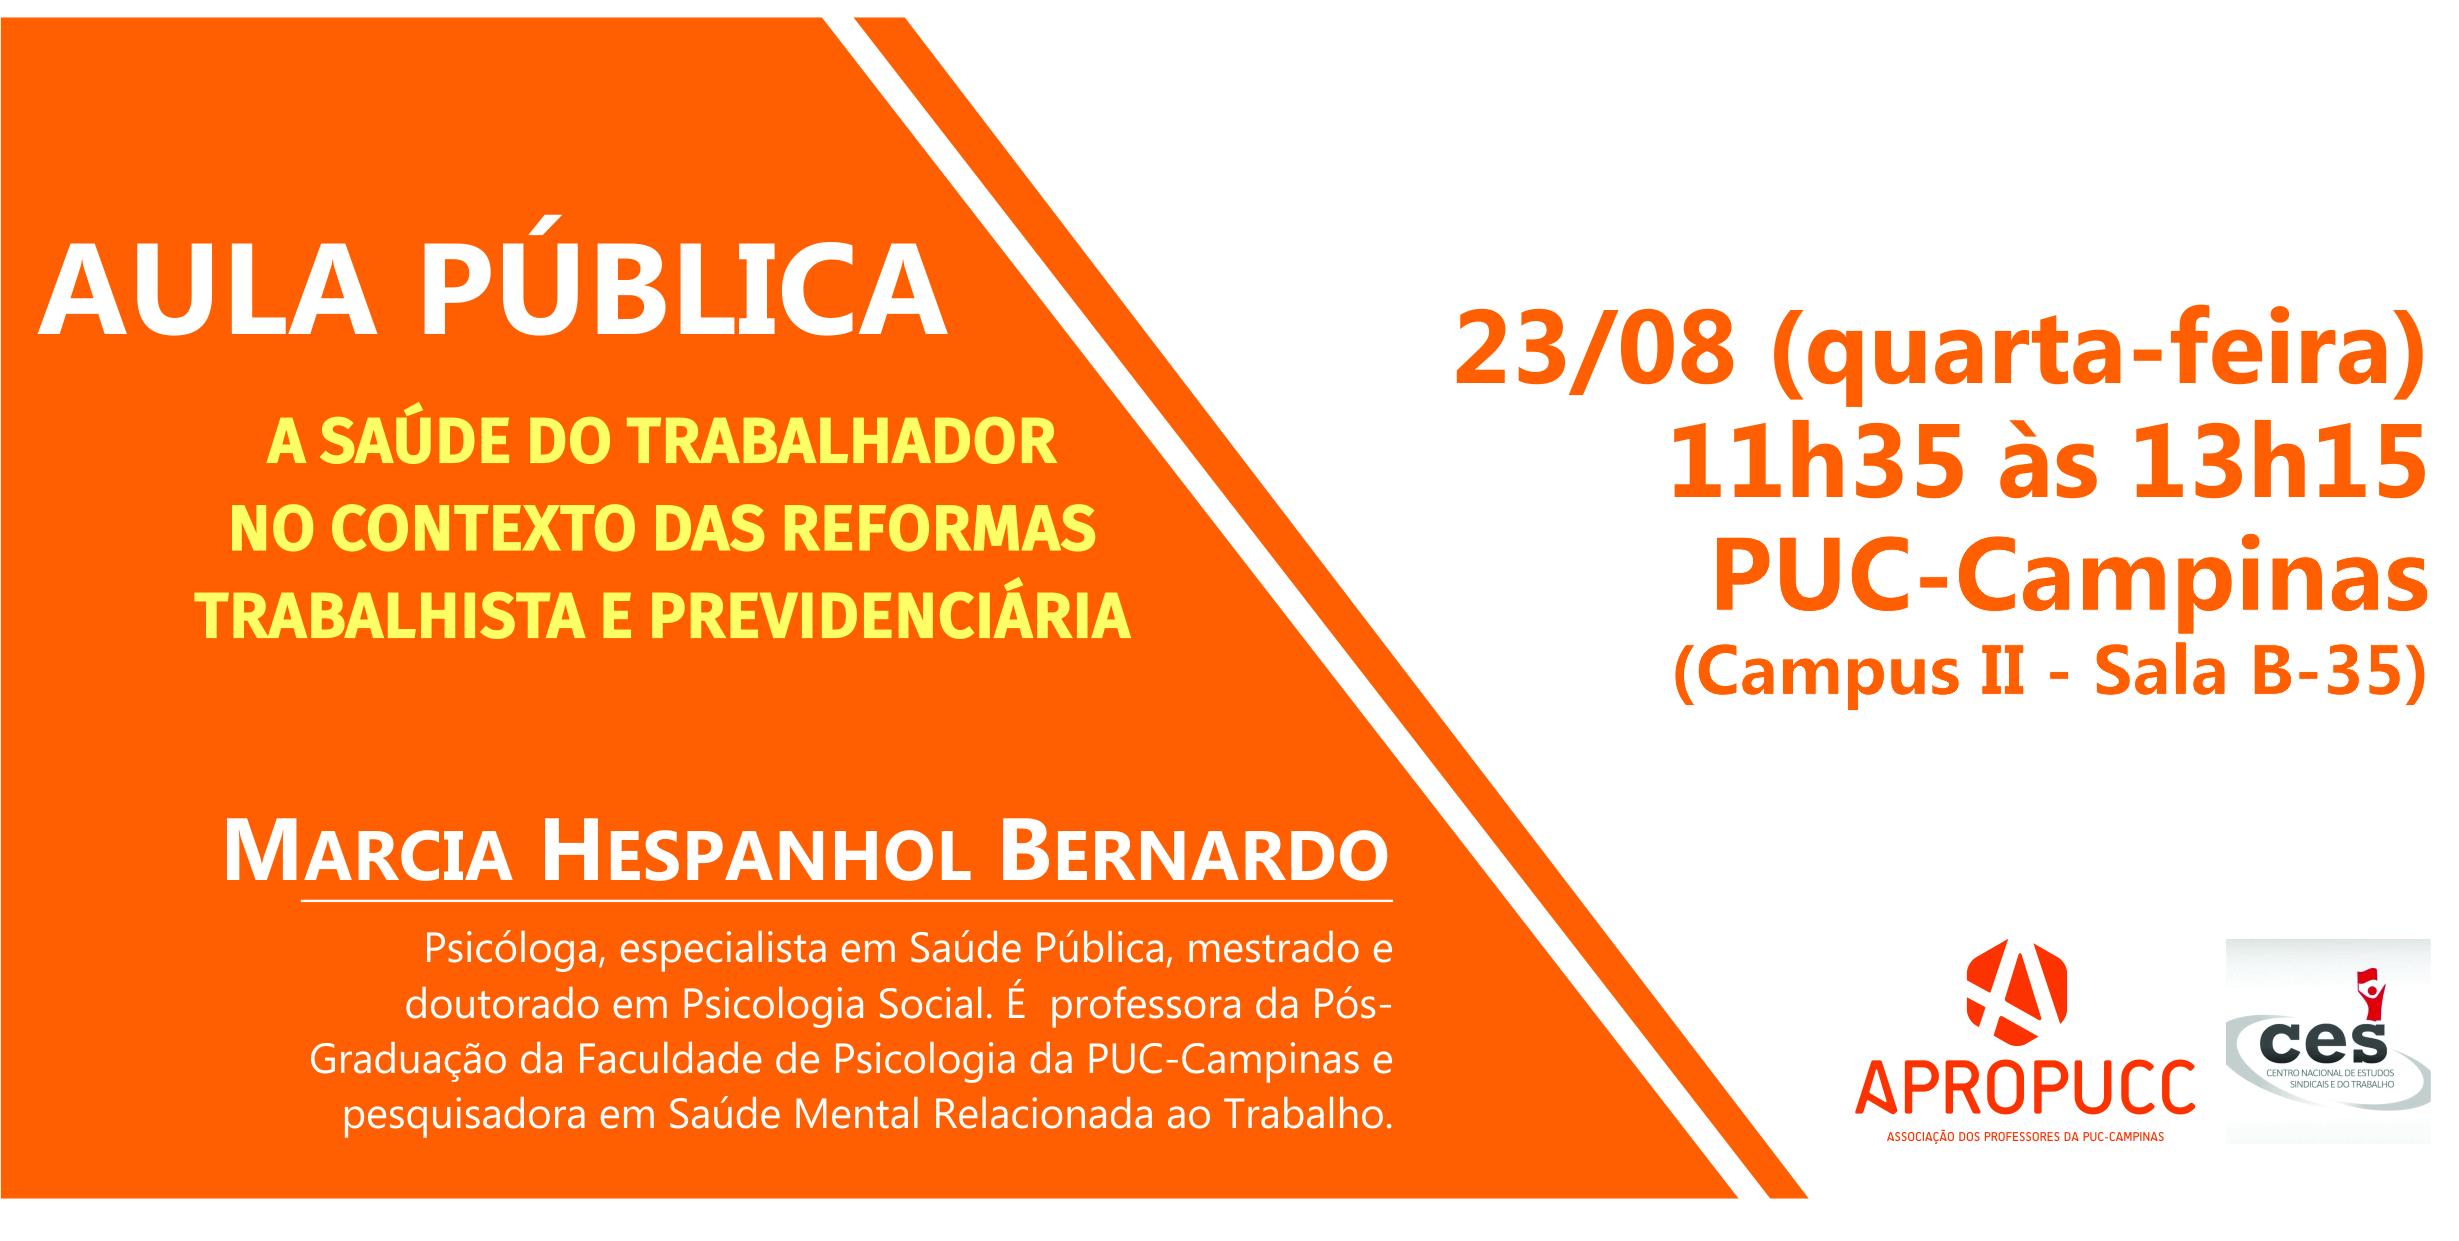 PANFLETO_aula_publica_SAUDE-TRABALHADOR_23_08_17